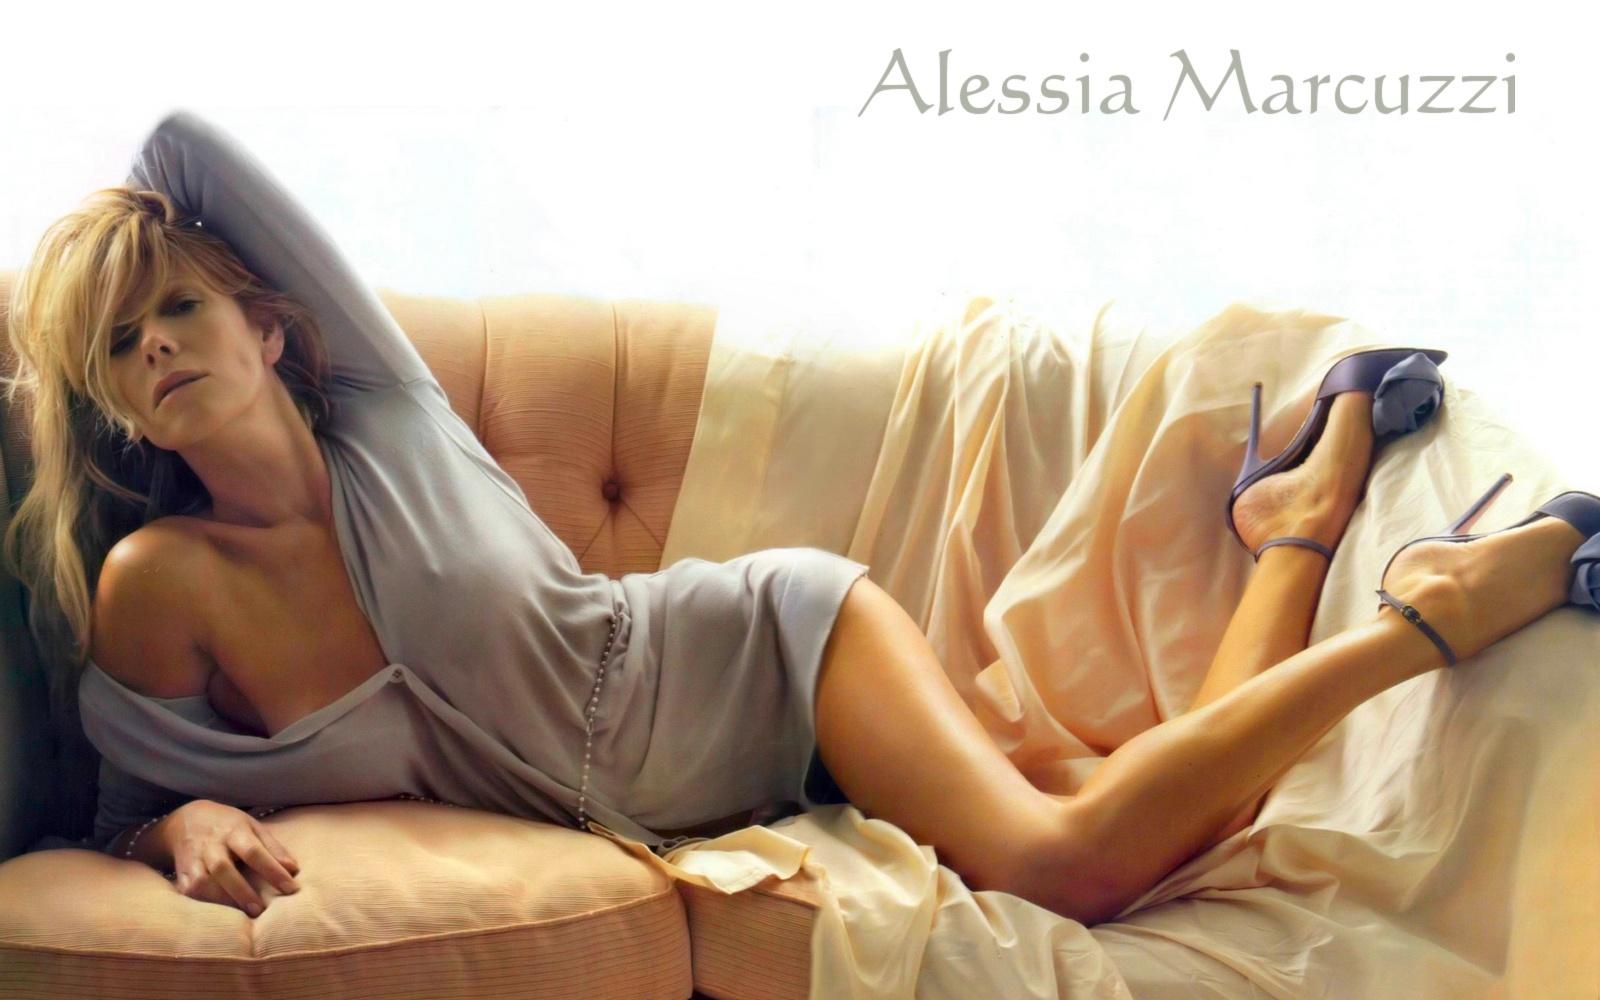 Alessia Marcuzzi Calendario.Alessia Marcuzzi Pioggia Di Critiche Fra Il Botulino E L